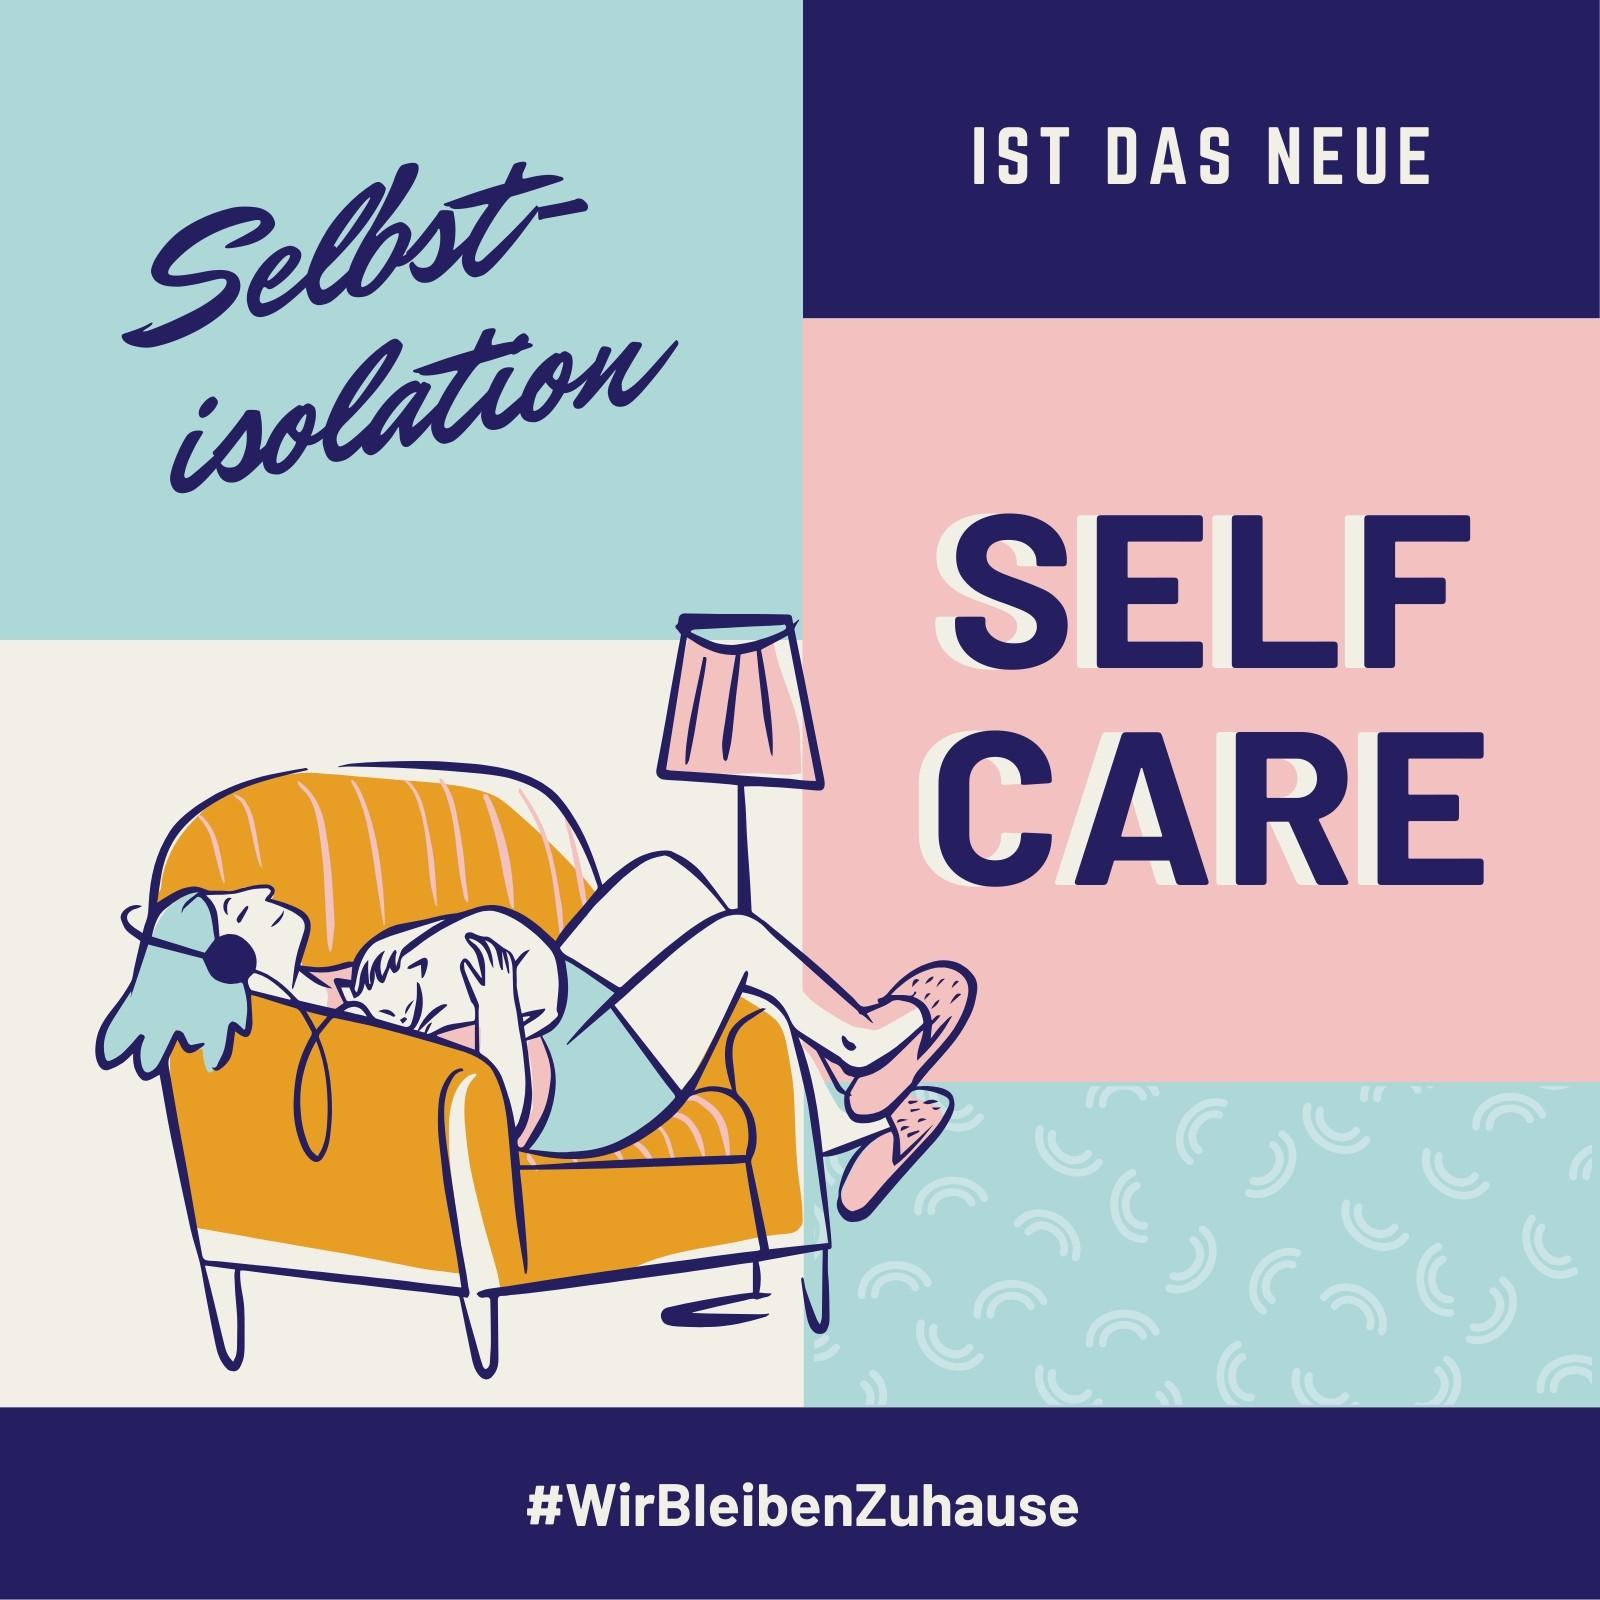 Blau-pinker Selbstisolation & Self-Care Gesundheit Instagram Post